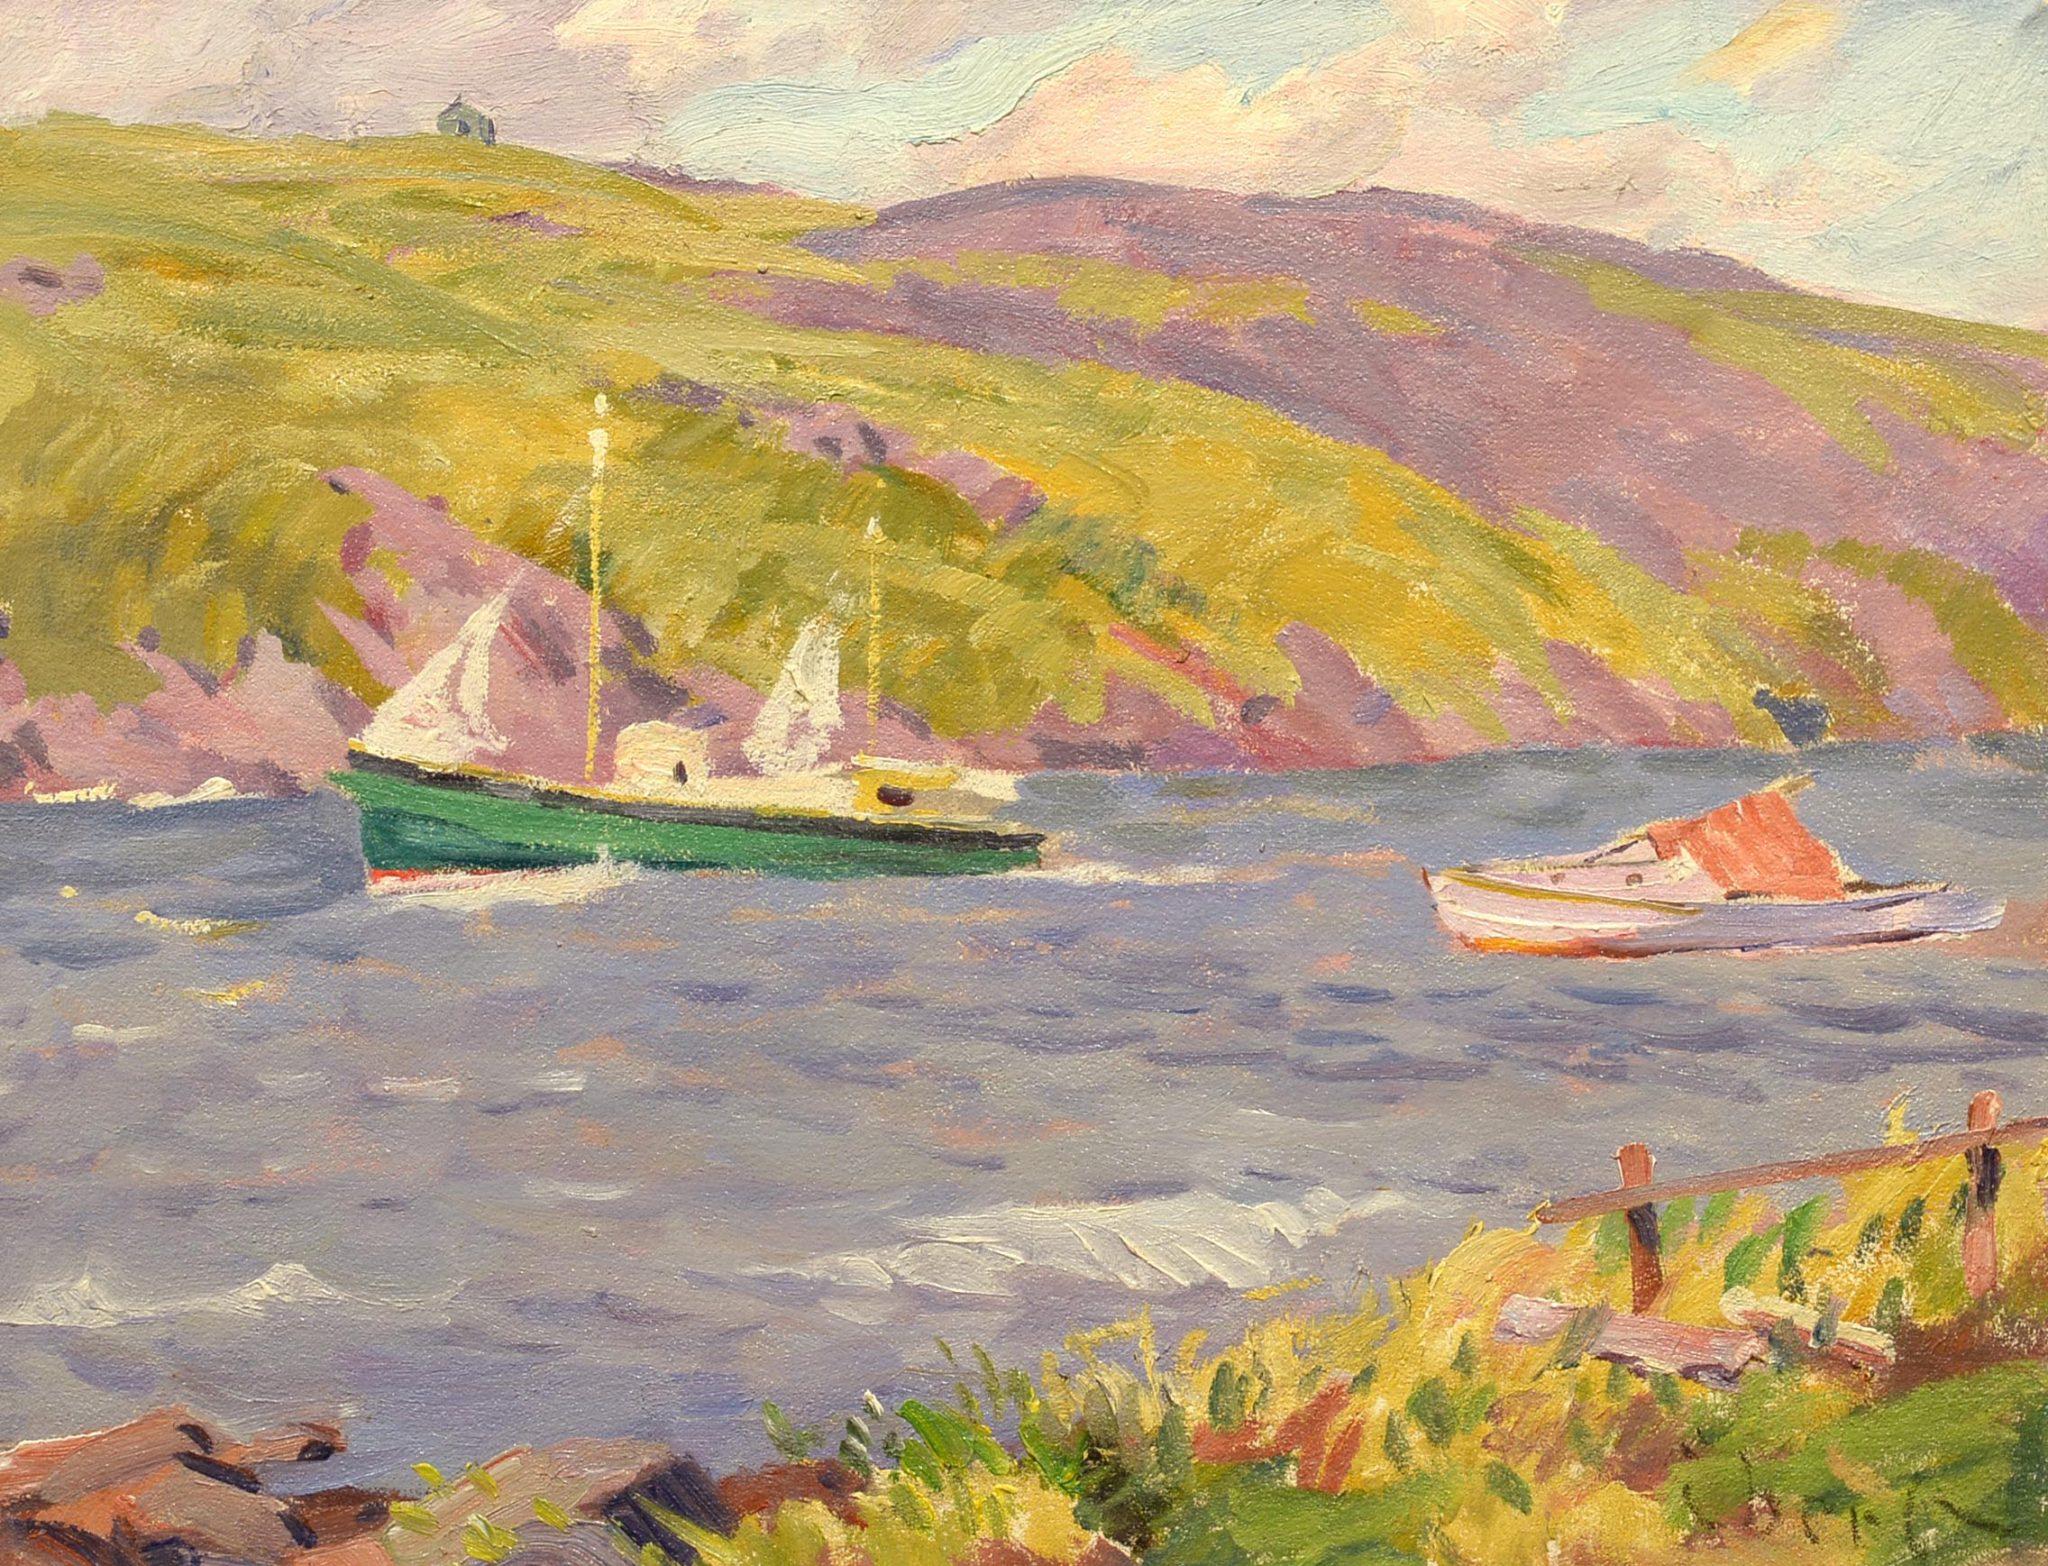 Charles Ebert Monhegan Harbor